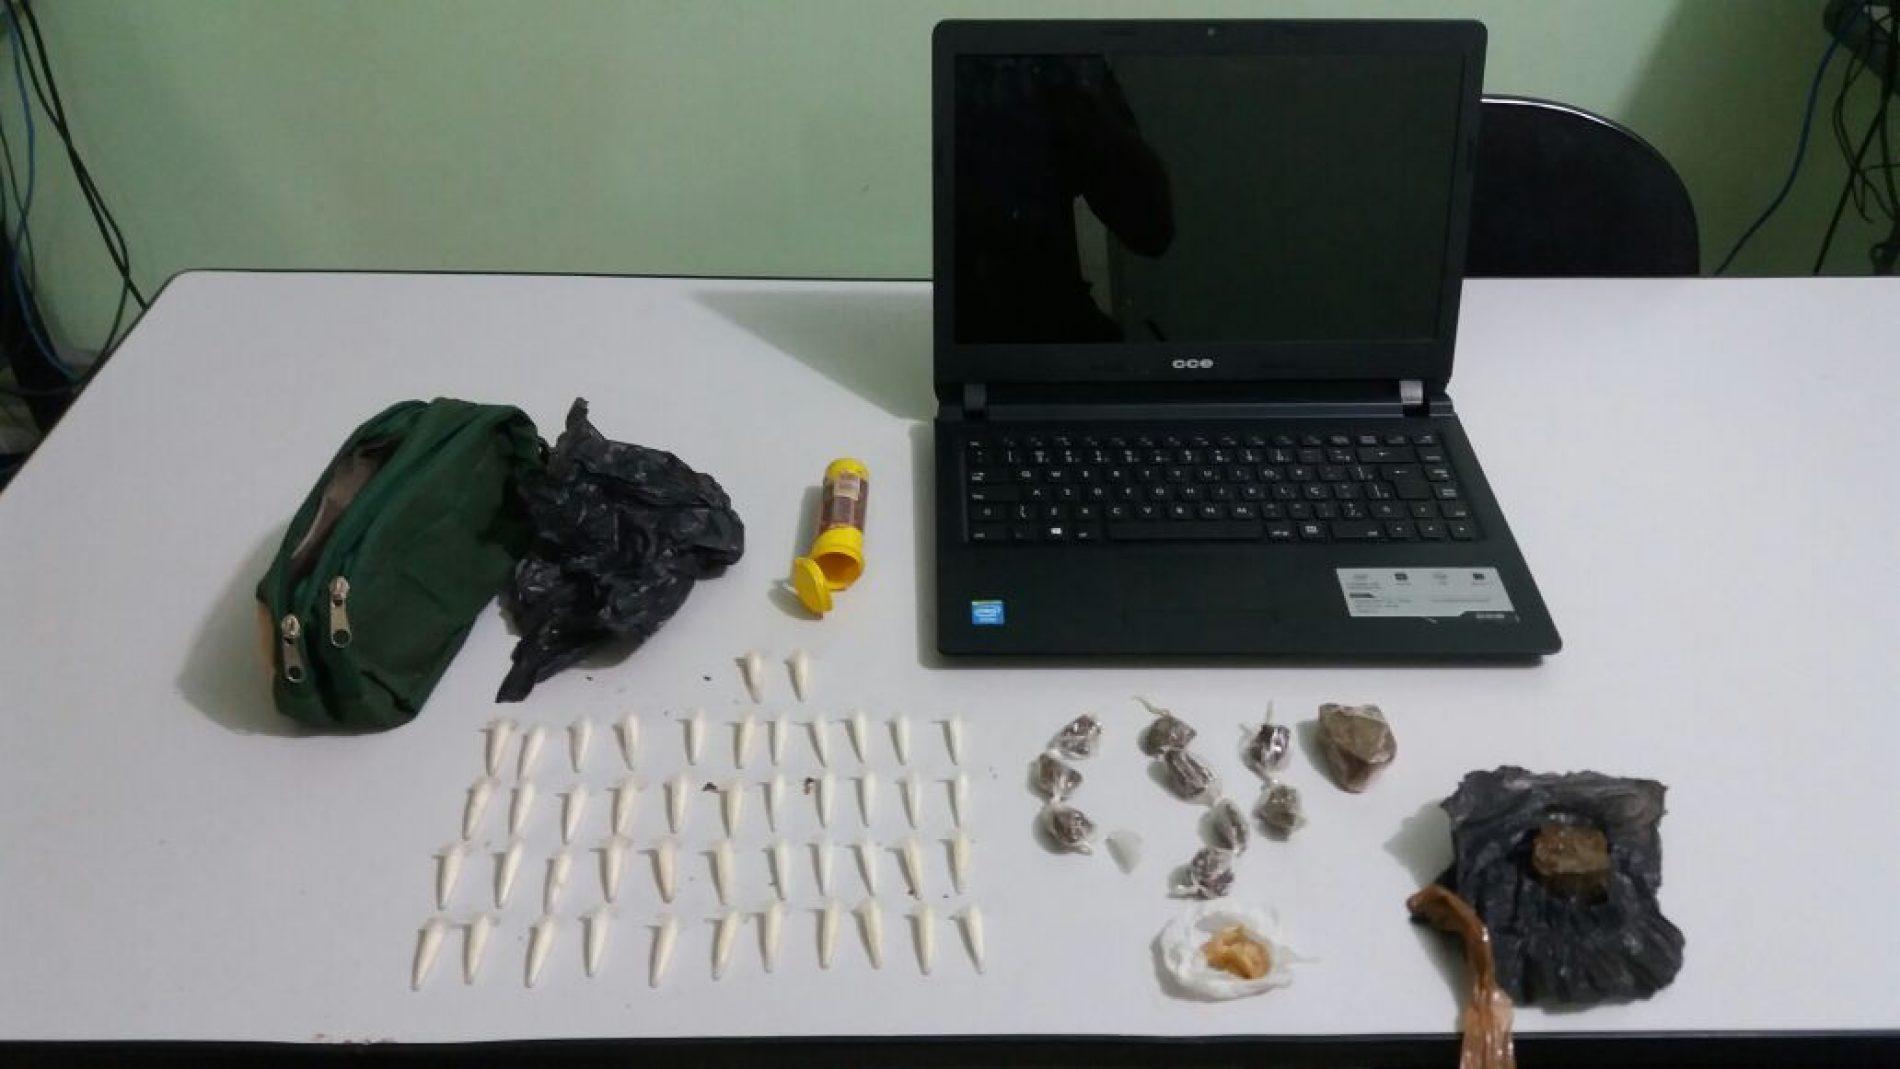 Policia Militar localiza drogas e notebook em terreno no Dom Bosco